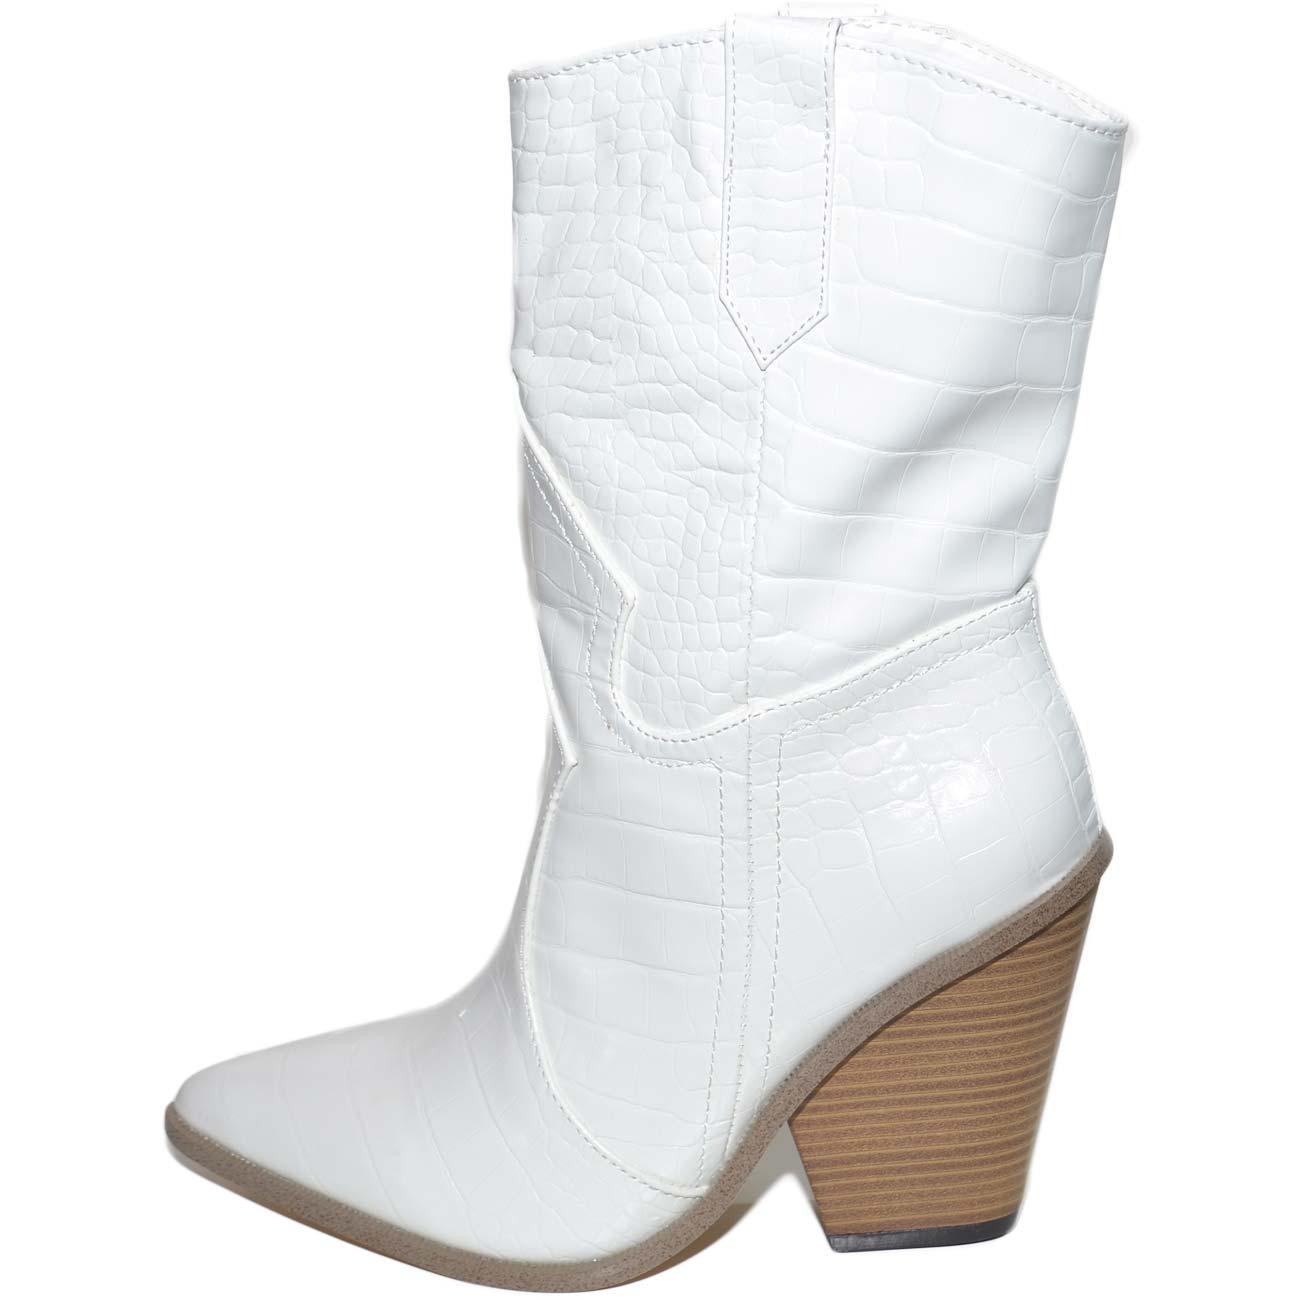 Tronchetti donna camperos texani bianchi a punta tacco cono pelle stampa pitonata moda tendenza altezza media donna tronchetti Malu shoes | MaluShoes